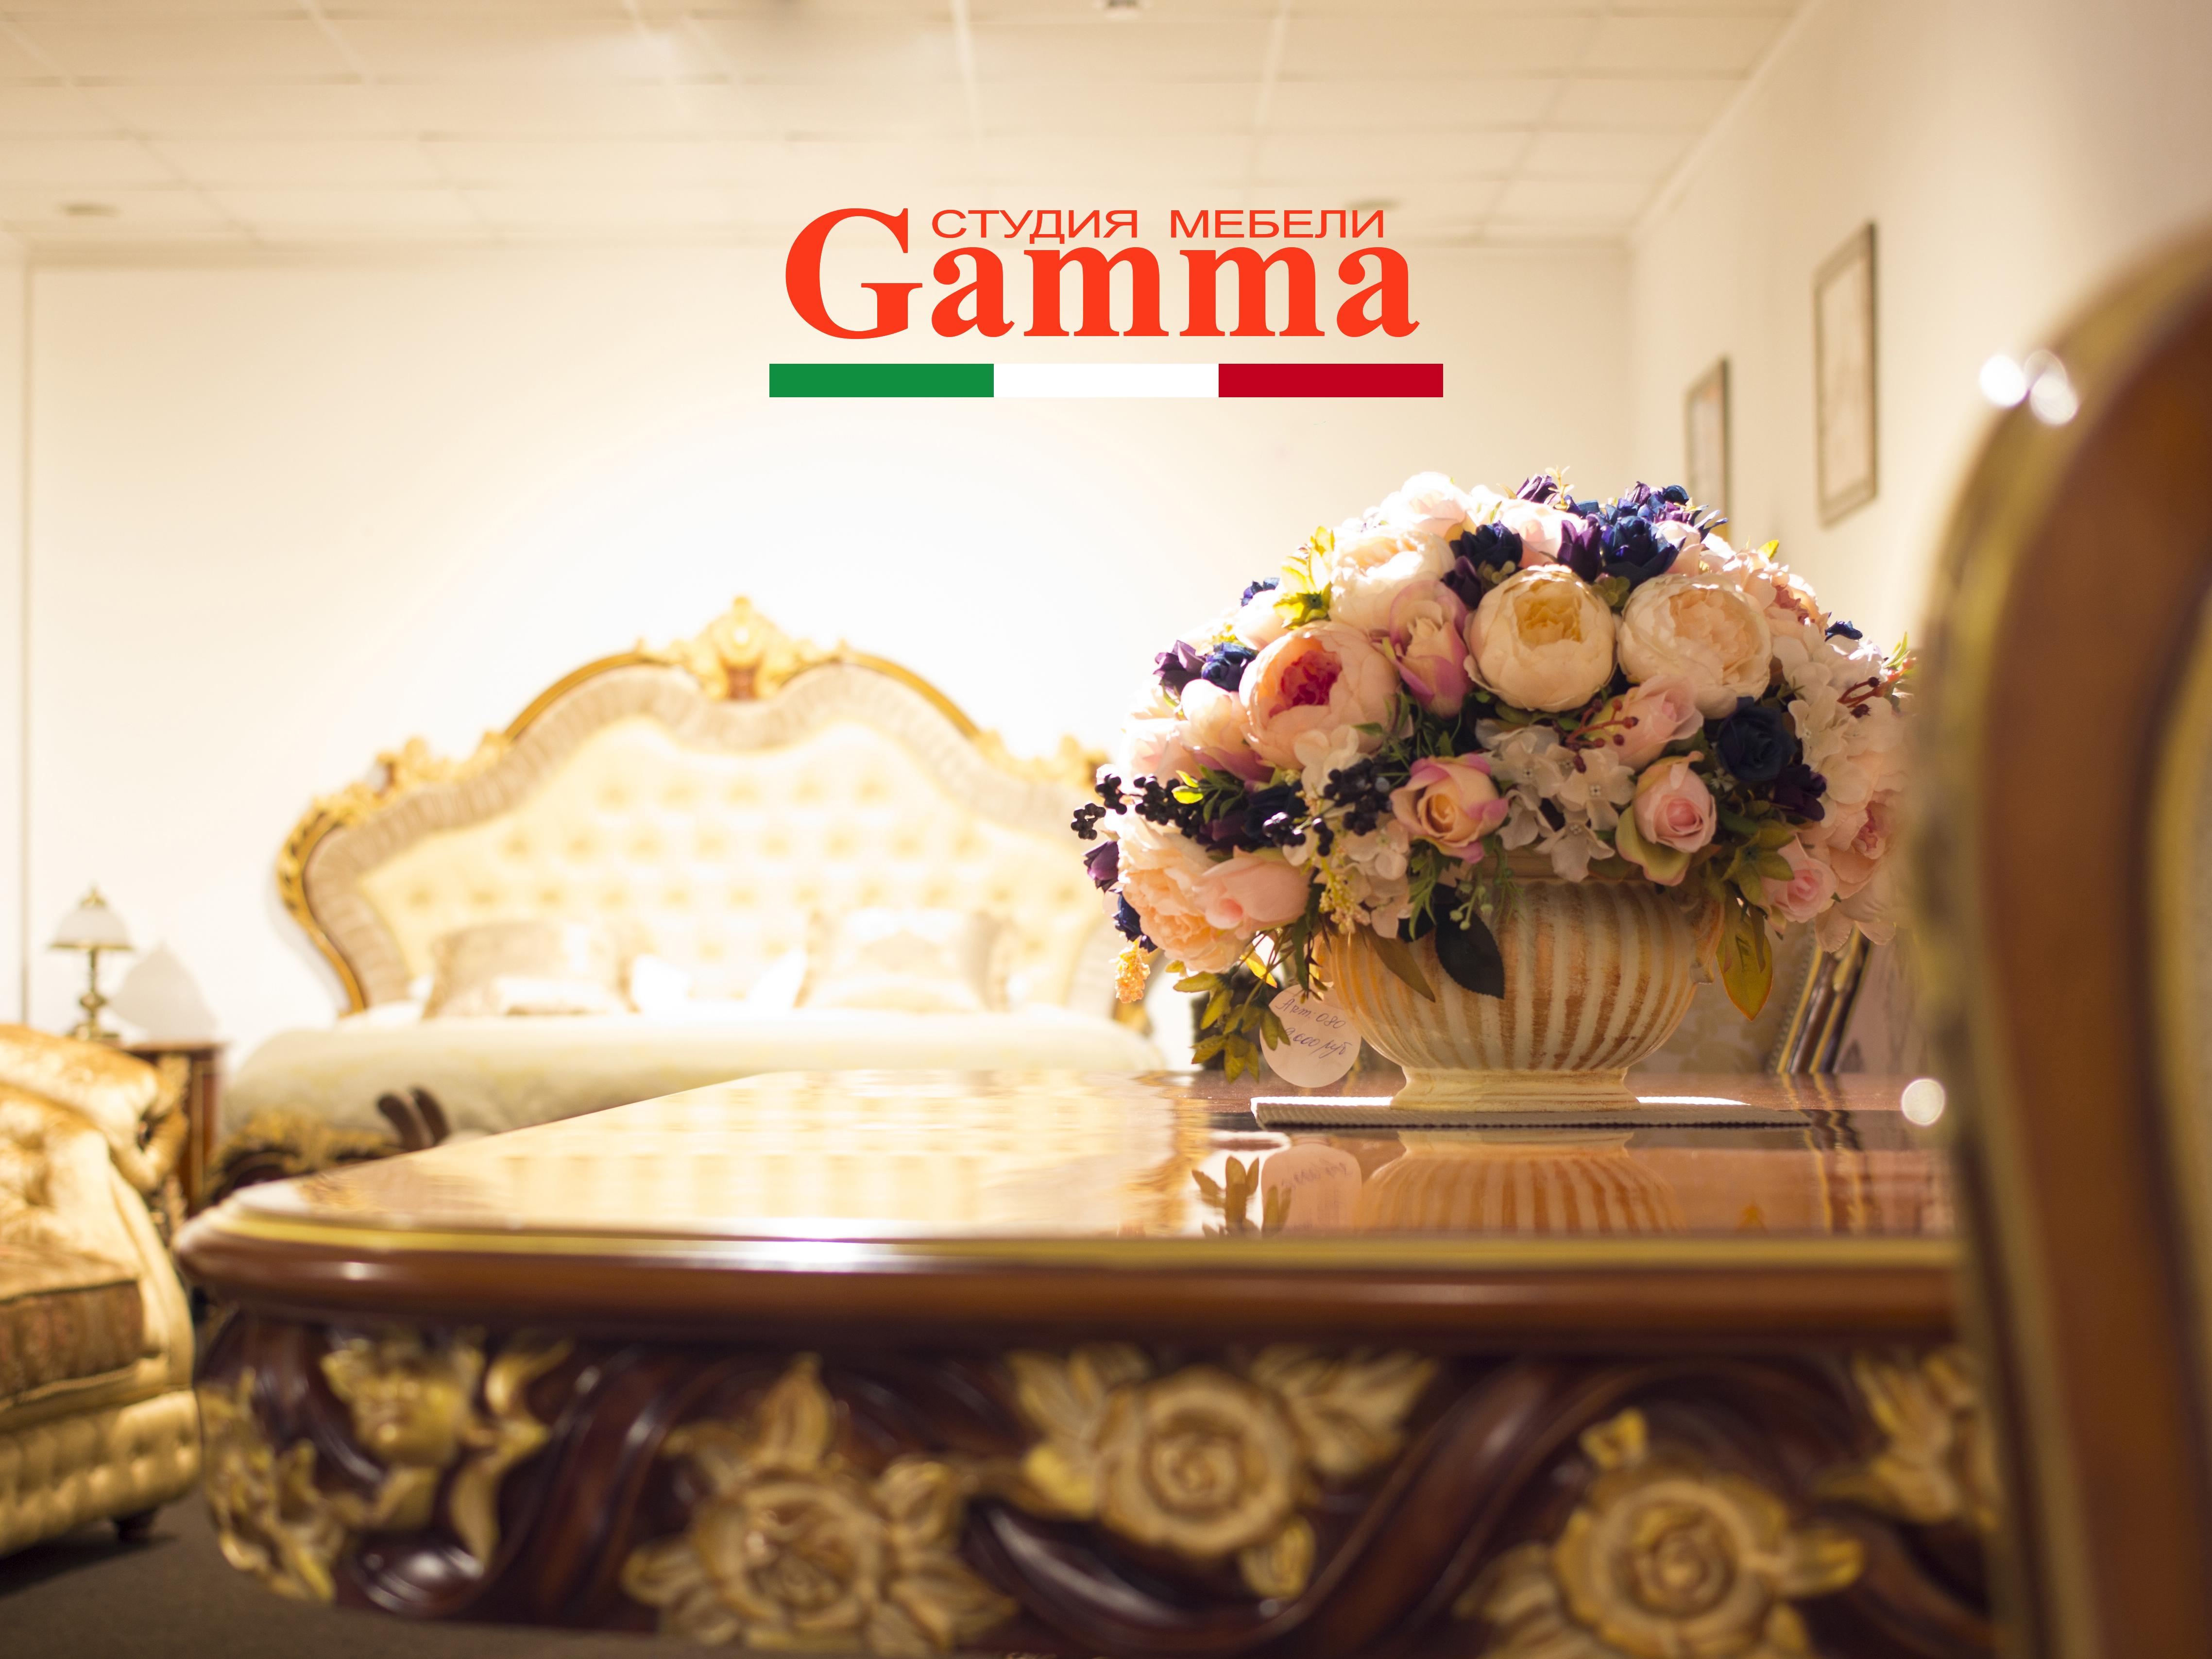 Гамма|Gamma студия мебели